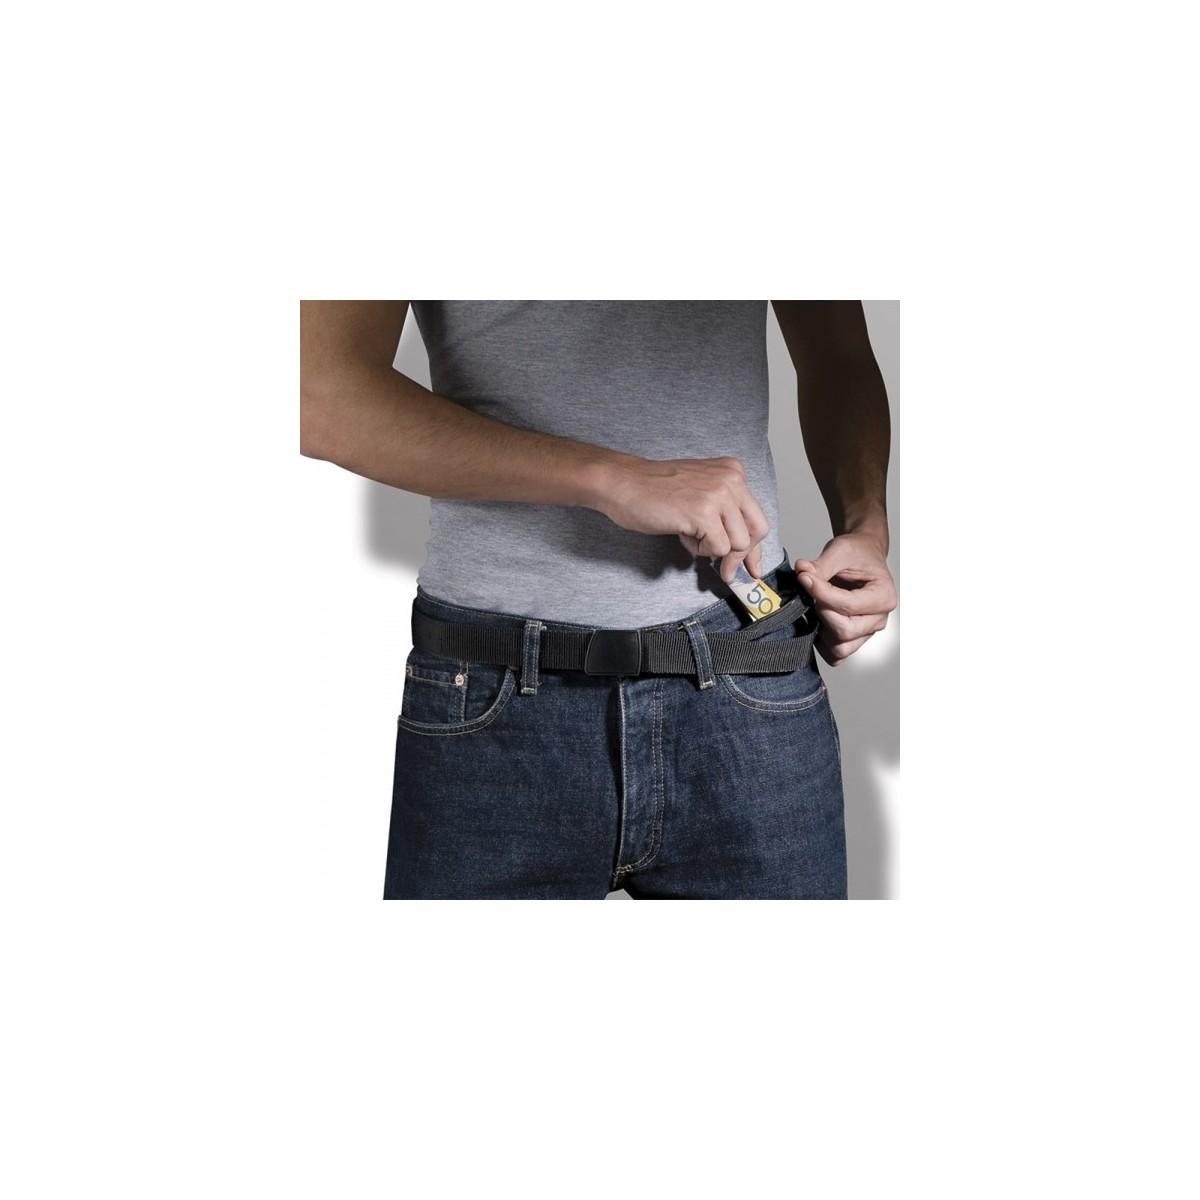 เข็มขัดซ่อนเงิน Pacsafe Cashsafe™ anti-theft Travel Belt Wallet